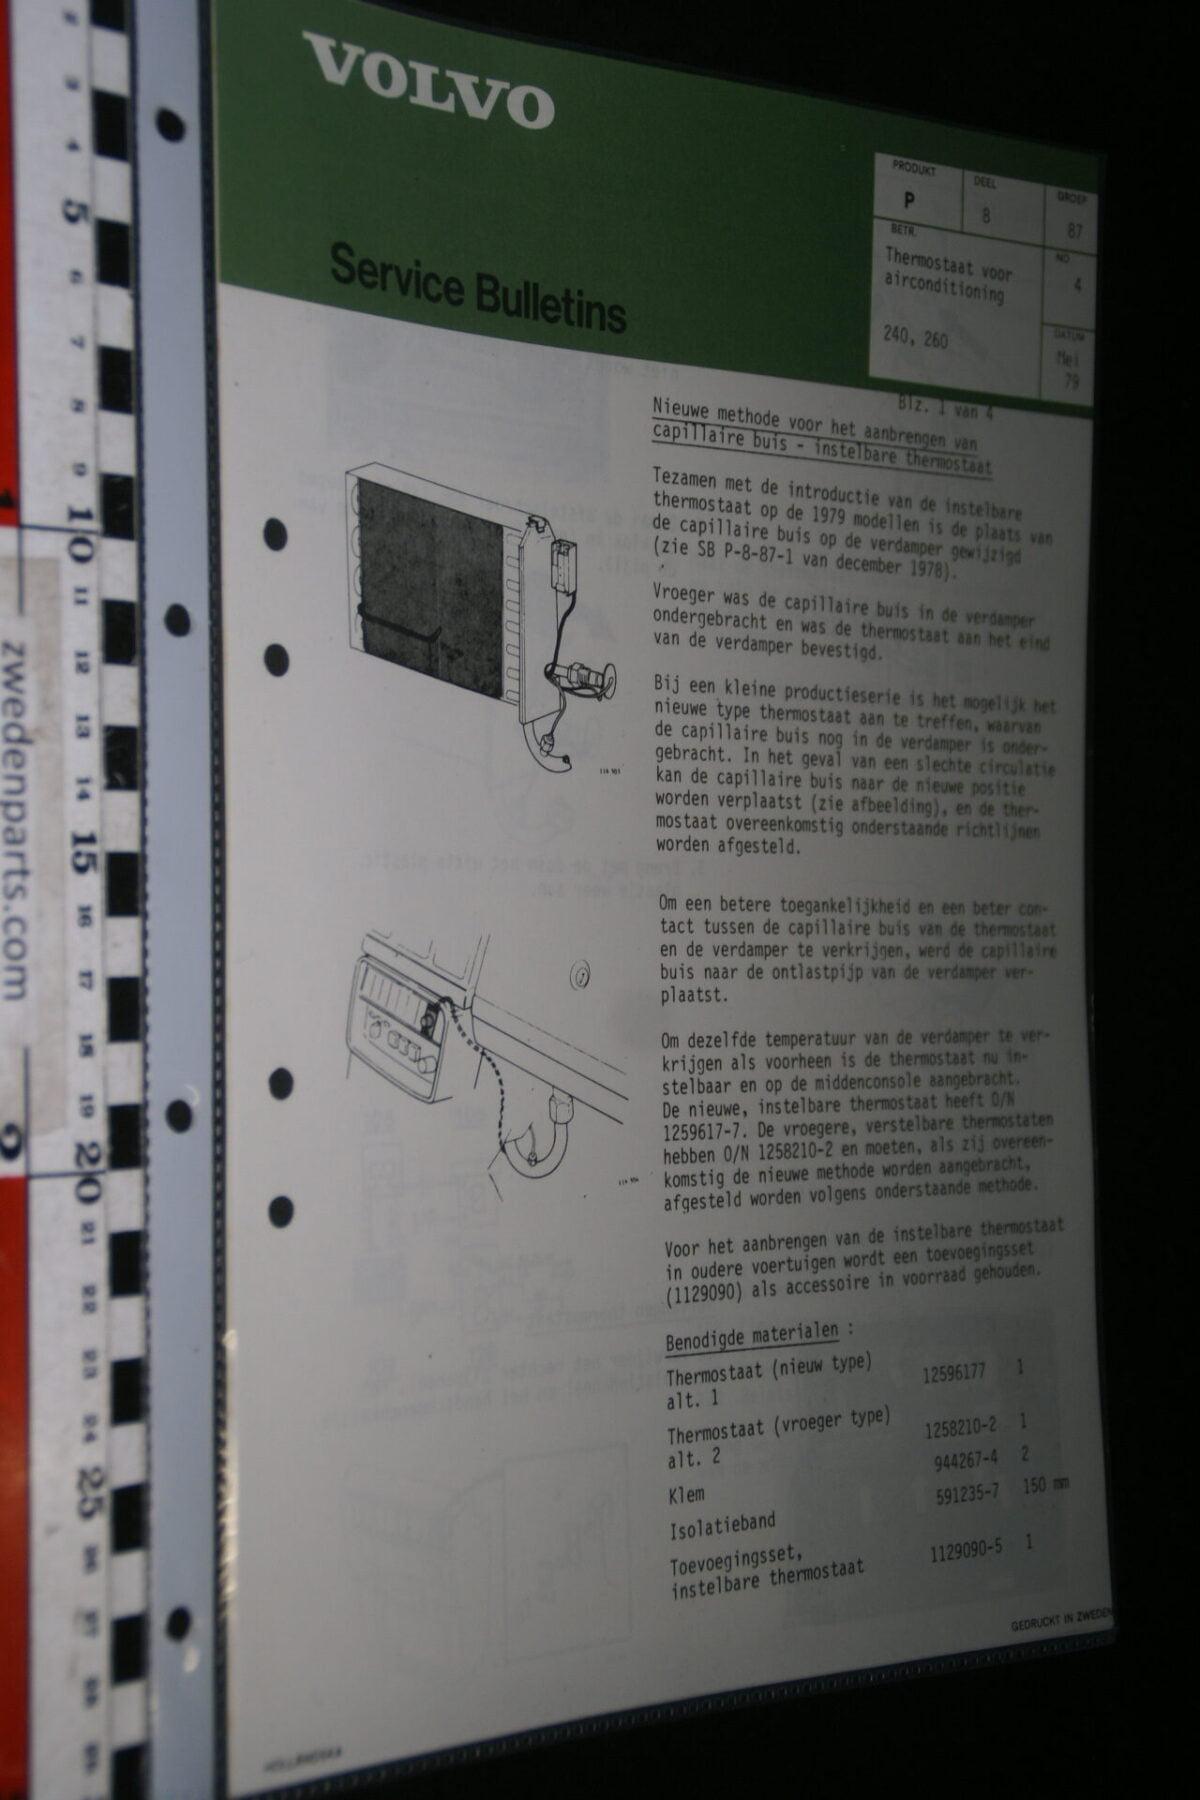 DSC07669 1979 origineel Volvo 240 260 werkplaatsboek servicebulletin 8-87 thermostaat voor AC-36a4a727